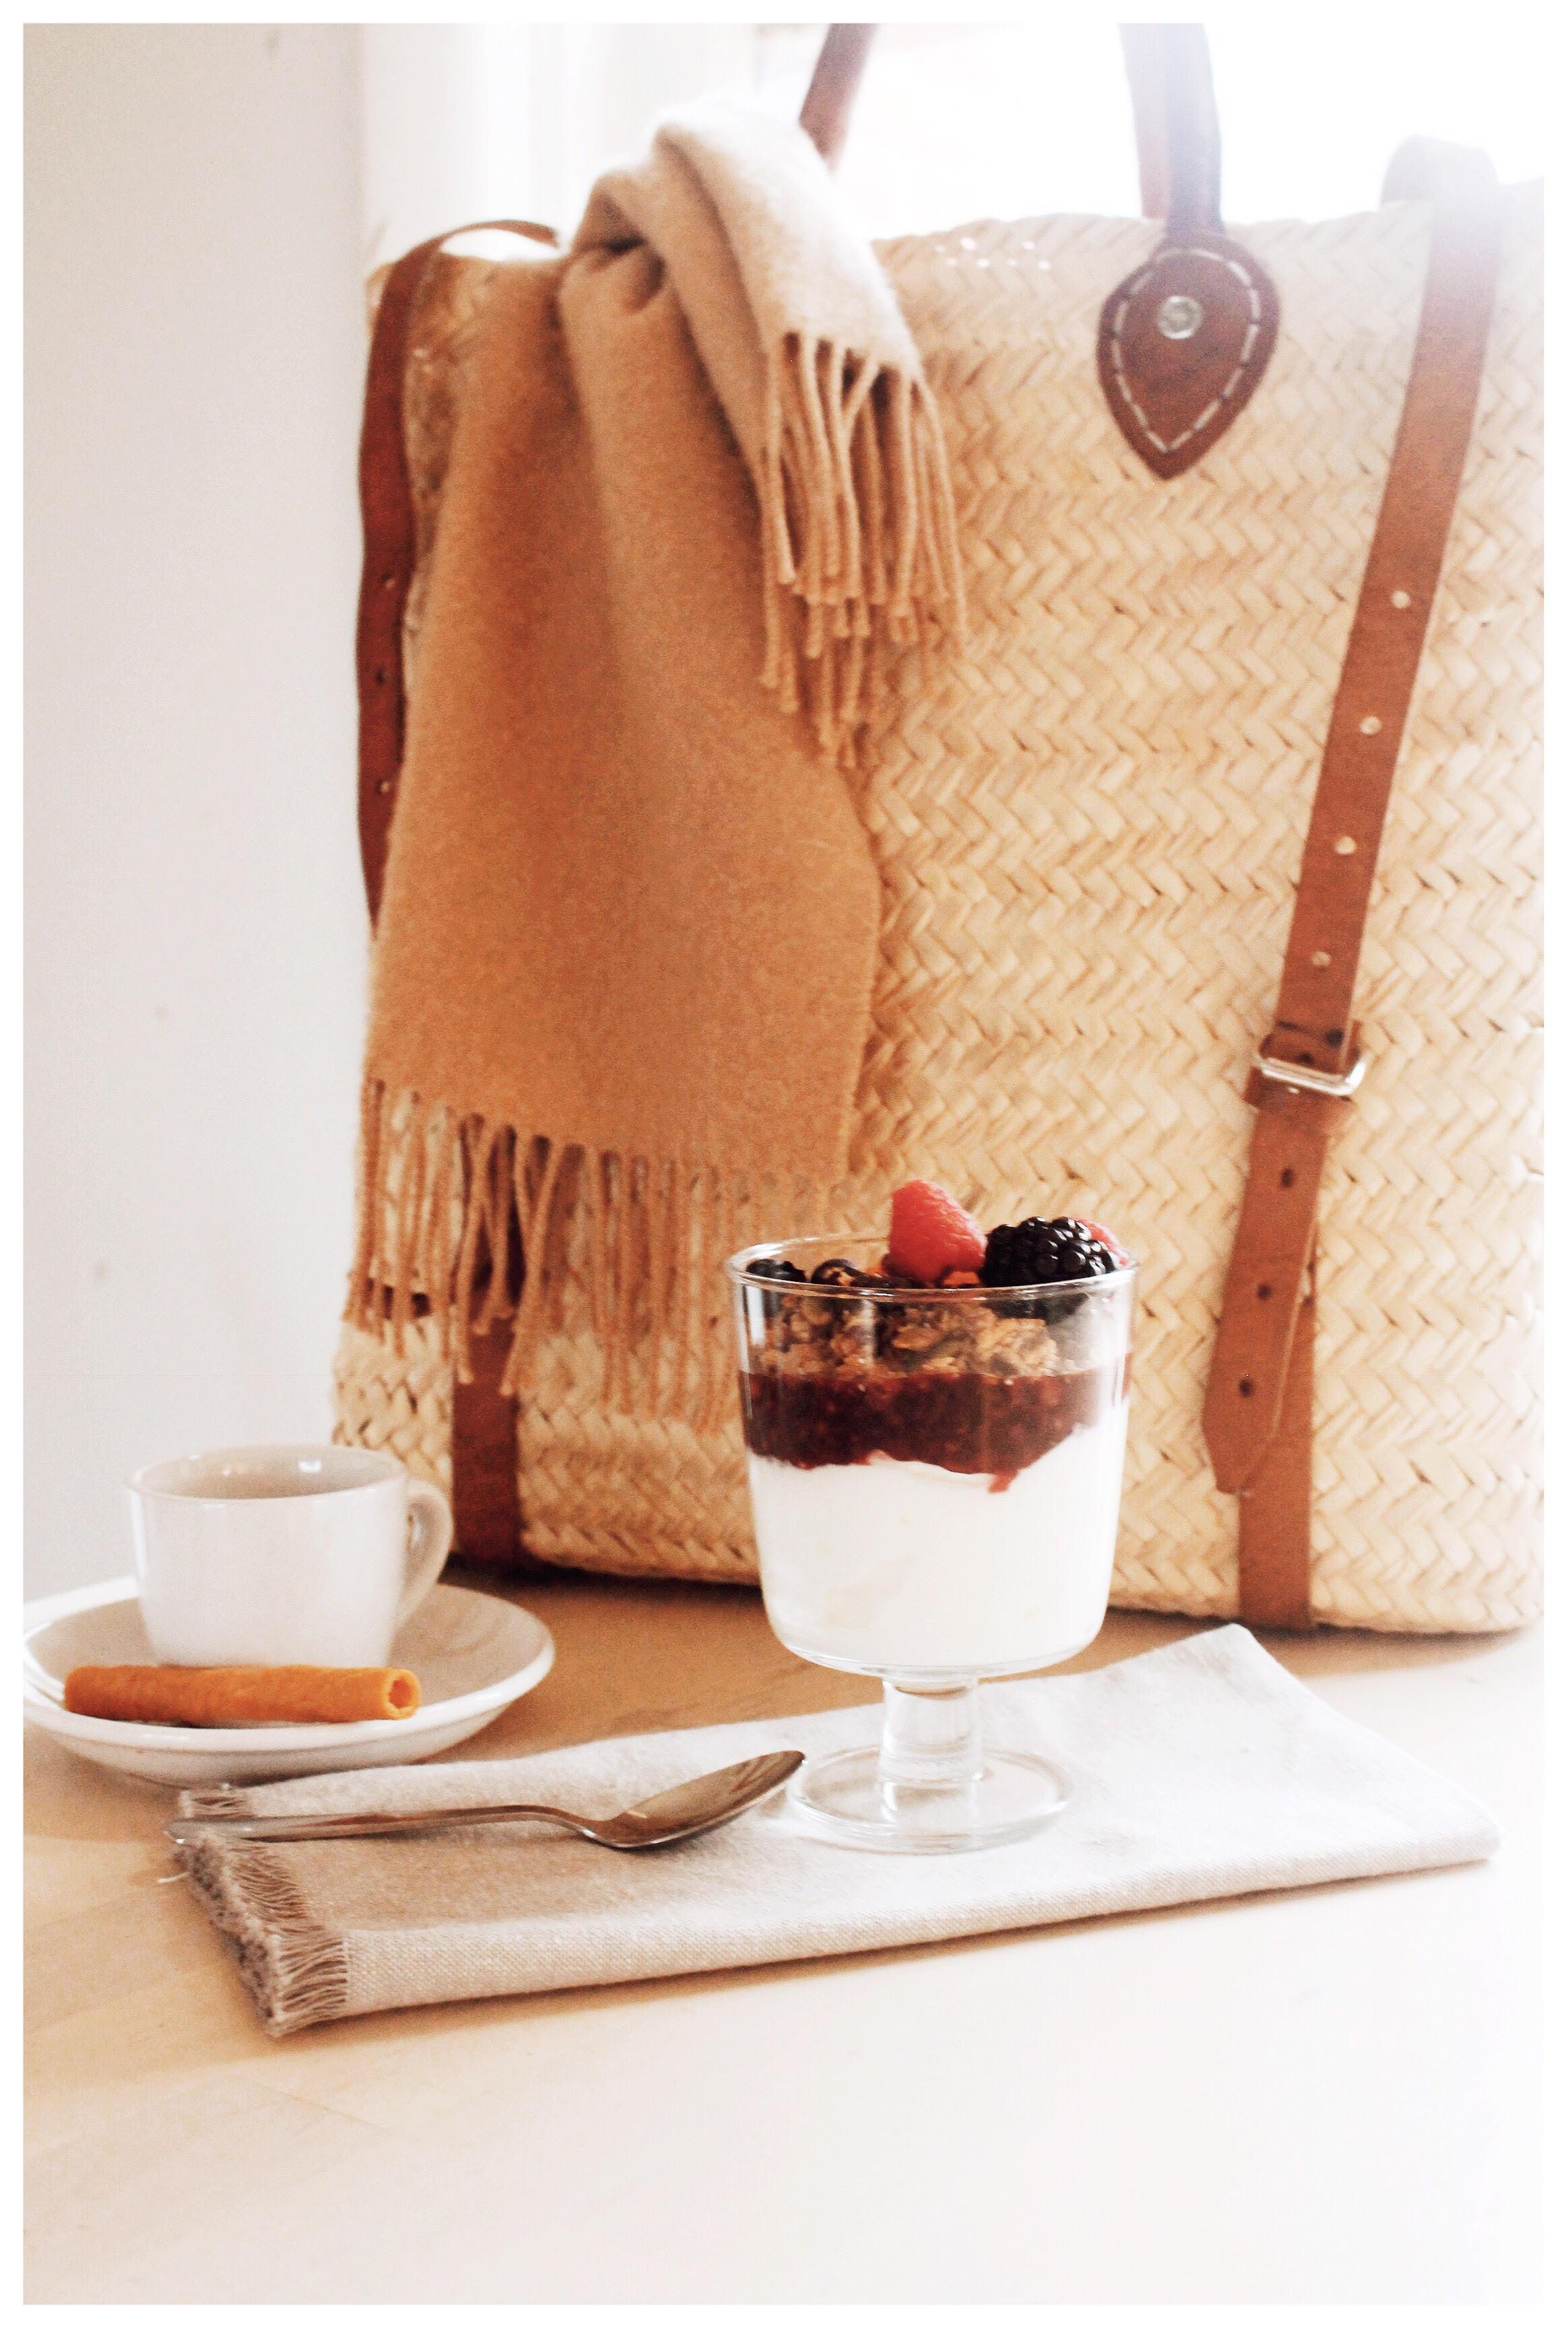 bag and granola.jpg